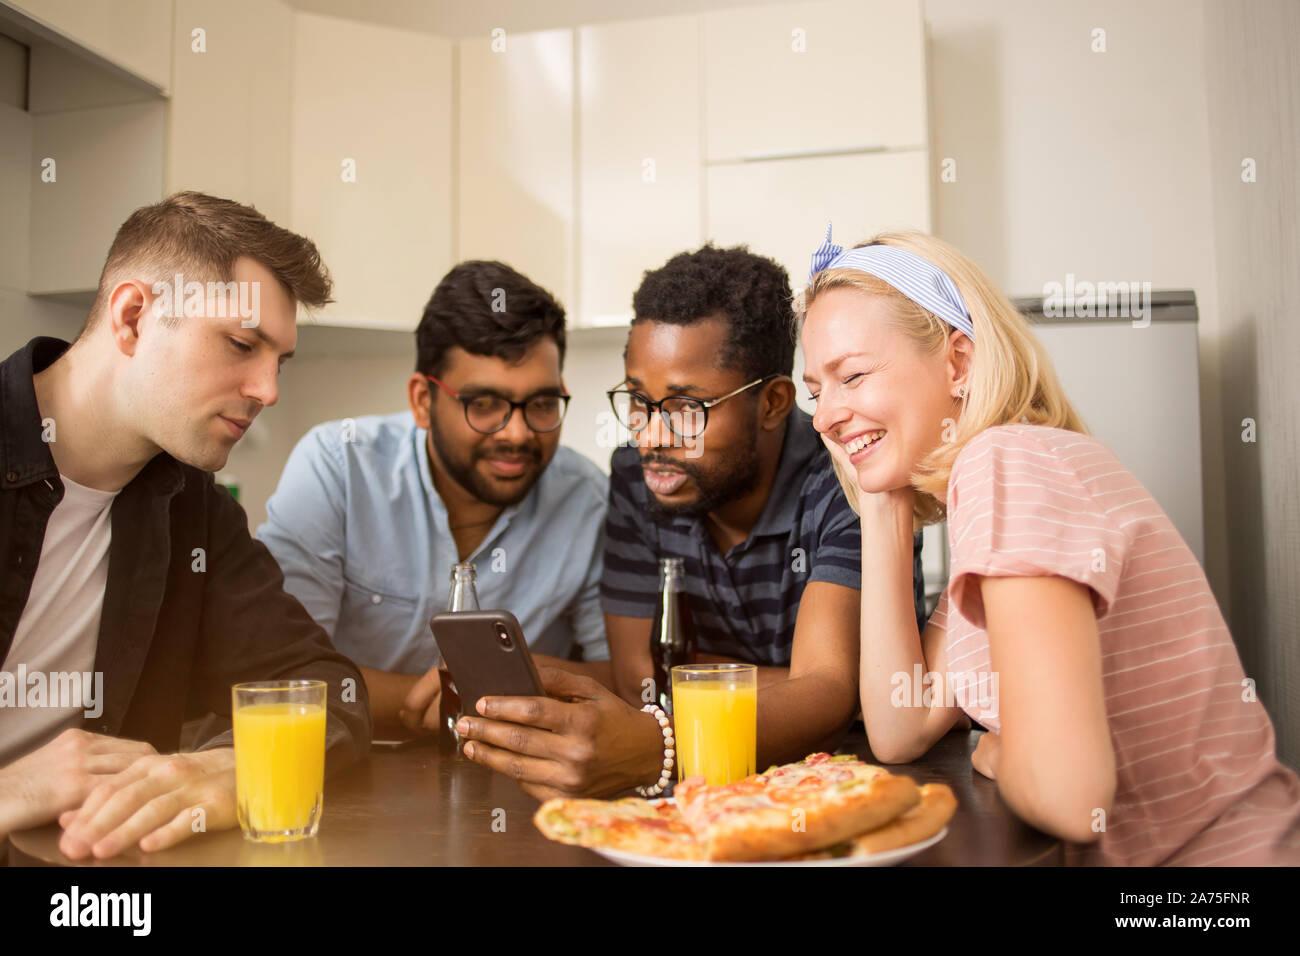 Vier Freunde am Tisch sitzen, essen Pizza, trinken alkoholfreie Getränke, Lesen von Text Nachricht auf dem Smartphone, neue Telefonanwendung zusammen prüfen. Mult Stockfoto